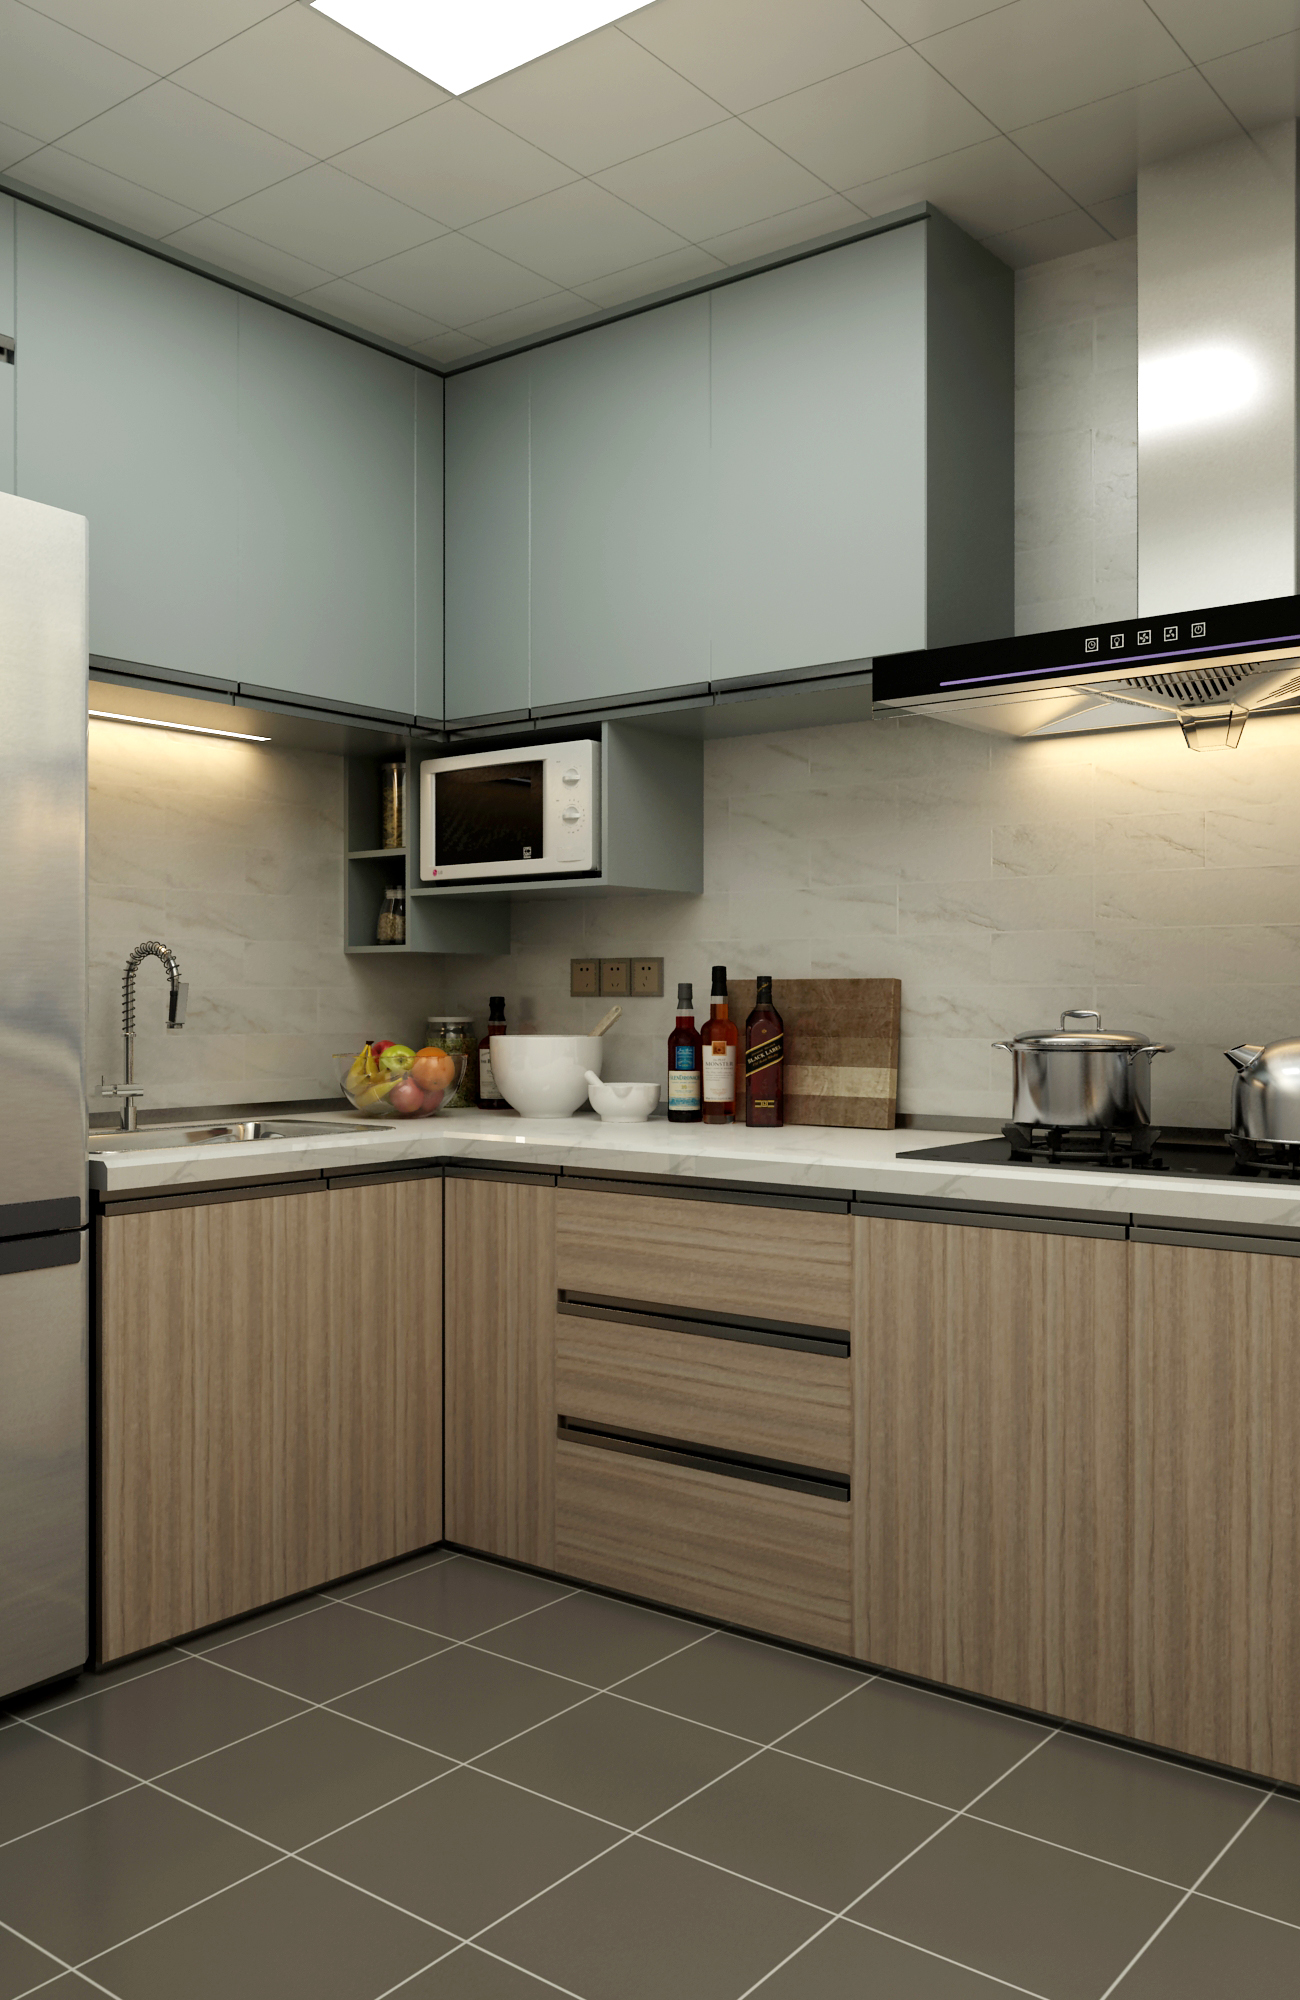 65平米两居室厨房装修效果图